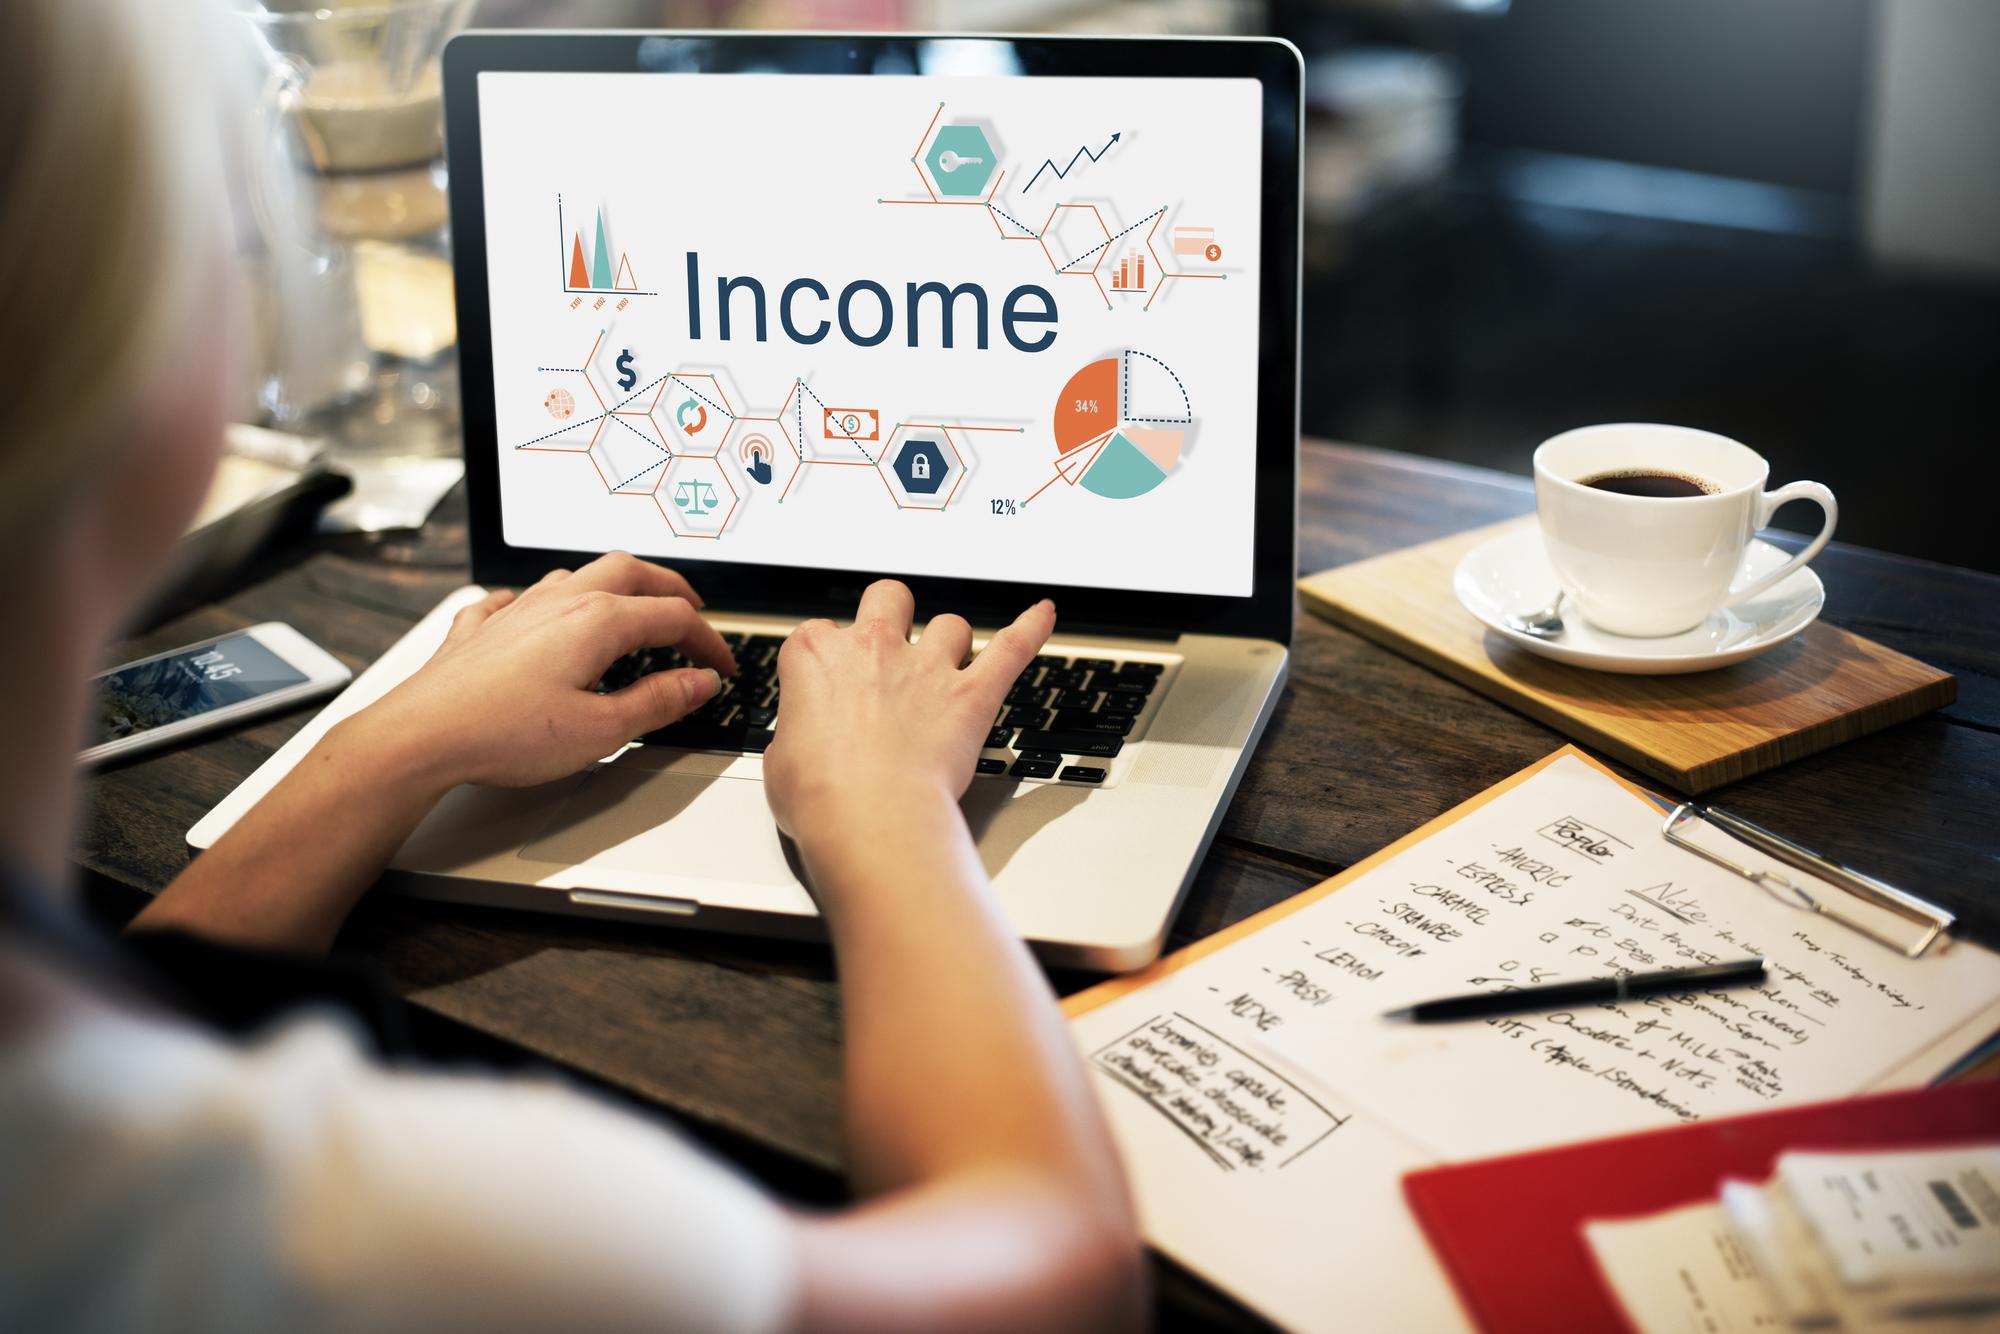 不動産投資はリスクが高い!?実践者がWebサイト運営と比較してみた!